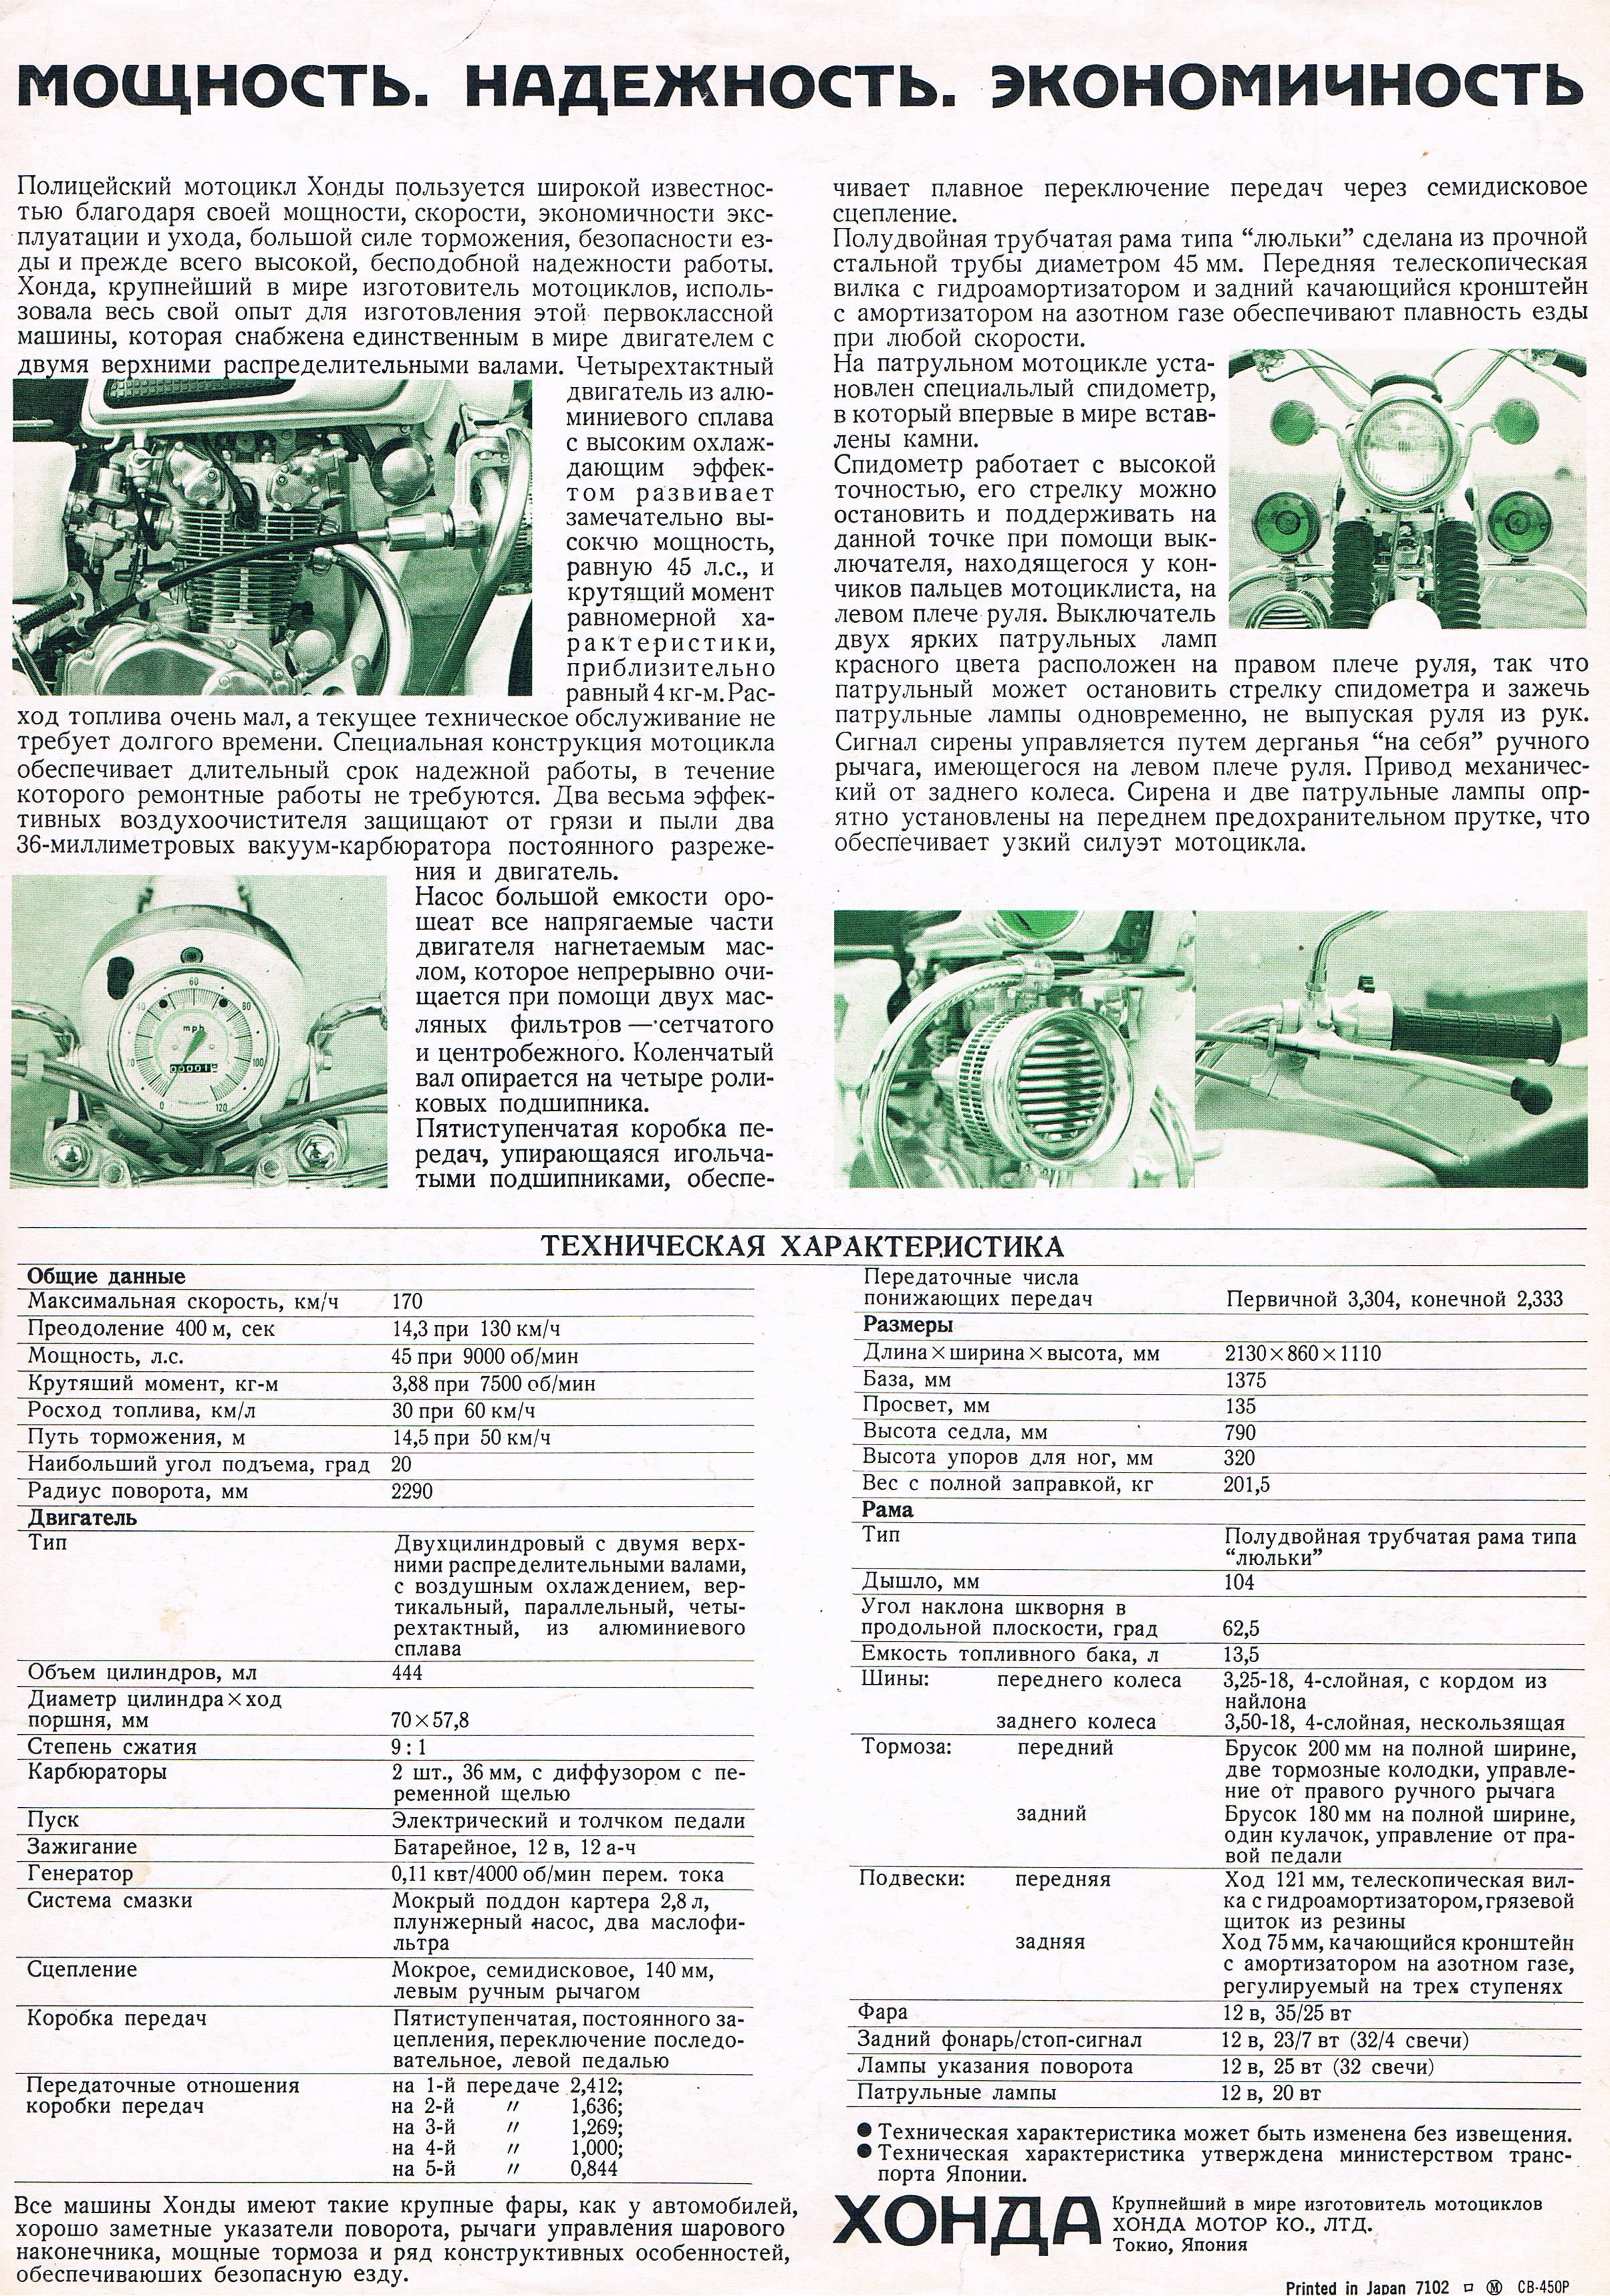 450 police k1 page 14 450 police k1 ccf18072013 00001 2 jpg